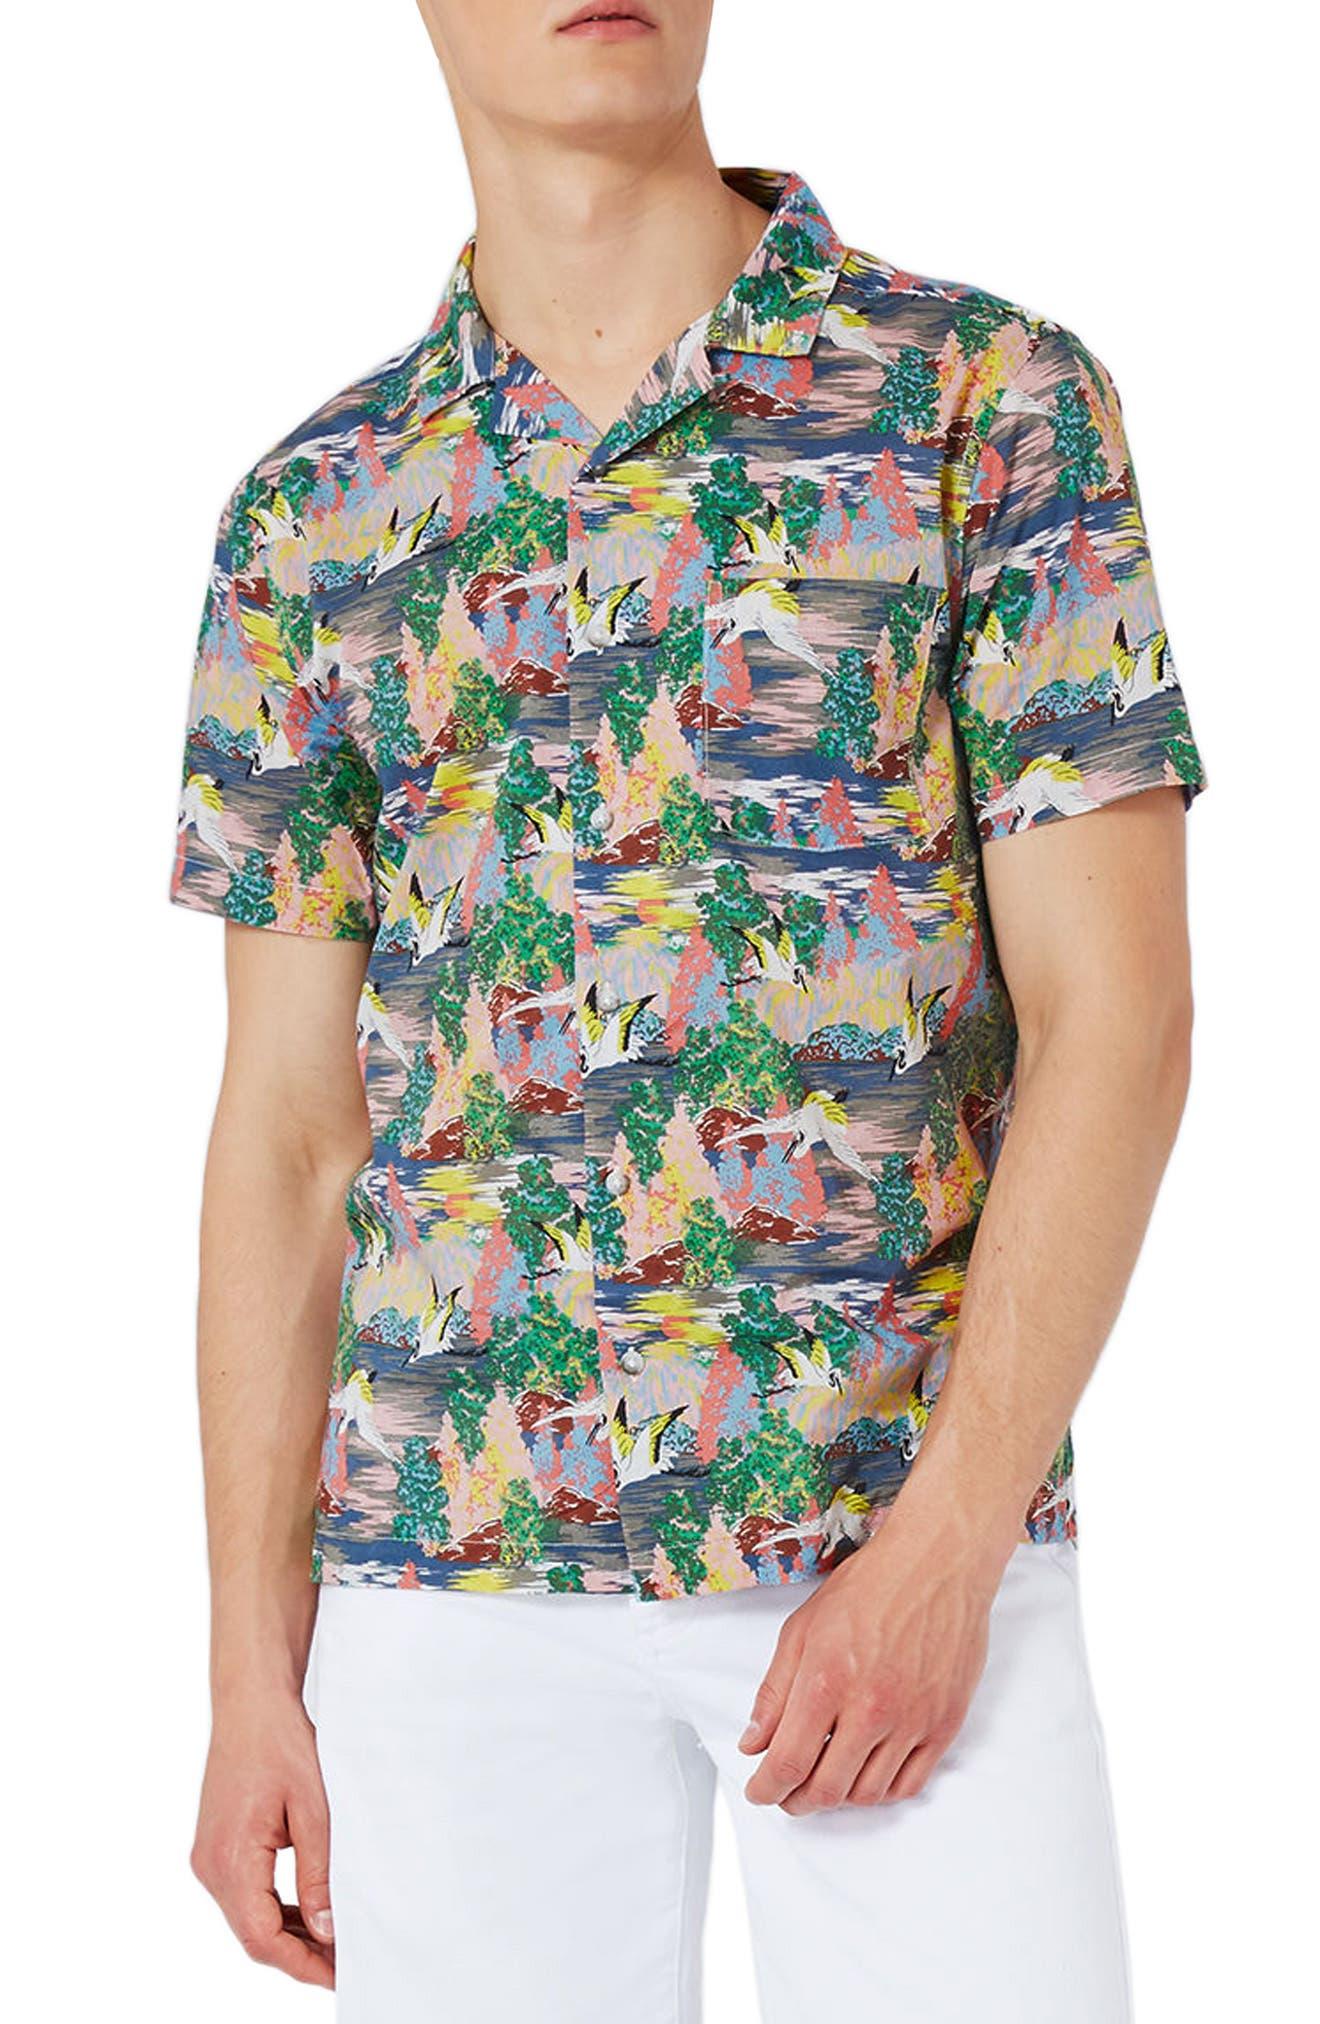 Heron Print Shirt,                             Main thumbnail 1, color,                             400